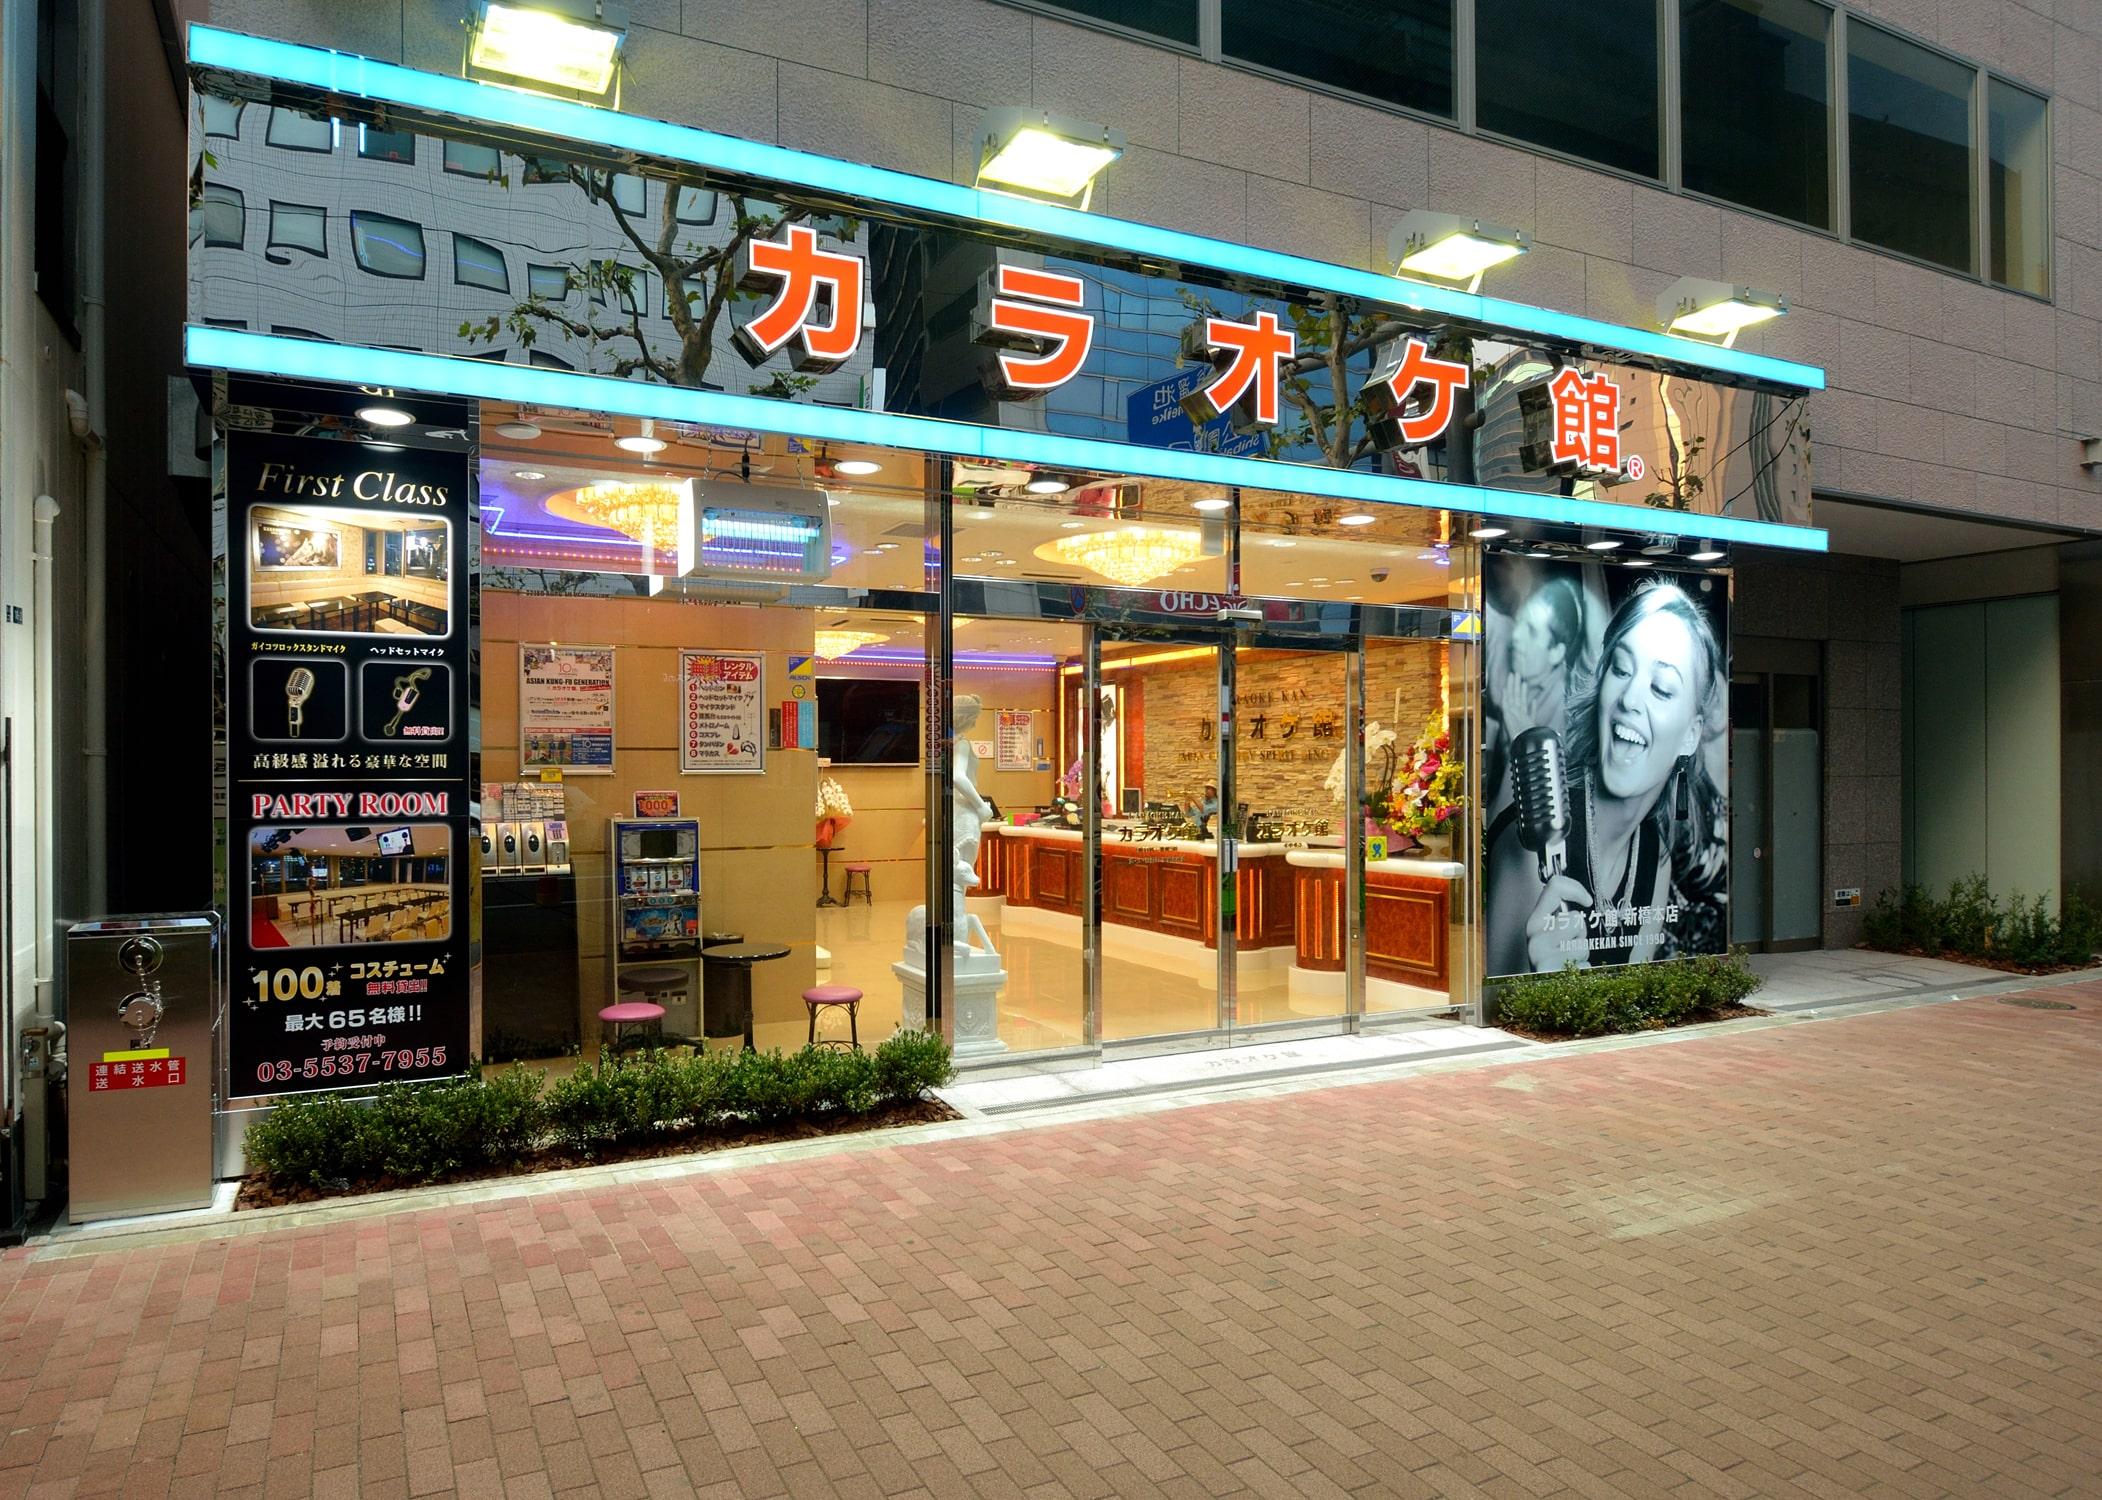 カラオケ館 高円寺南口駅前店